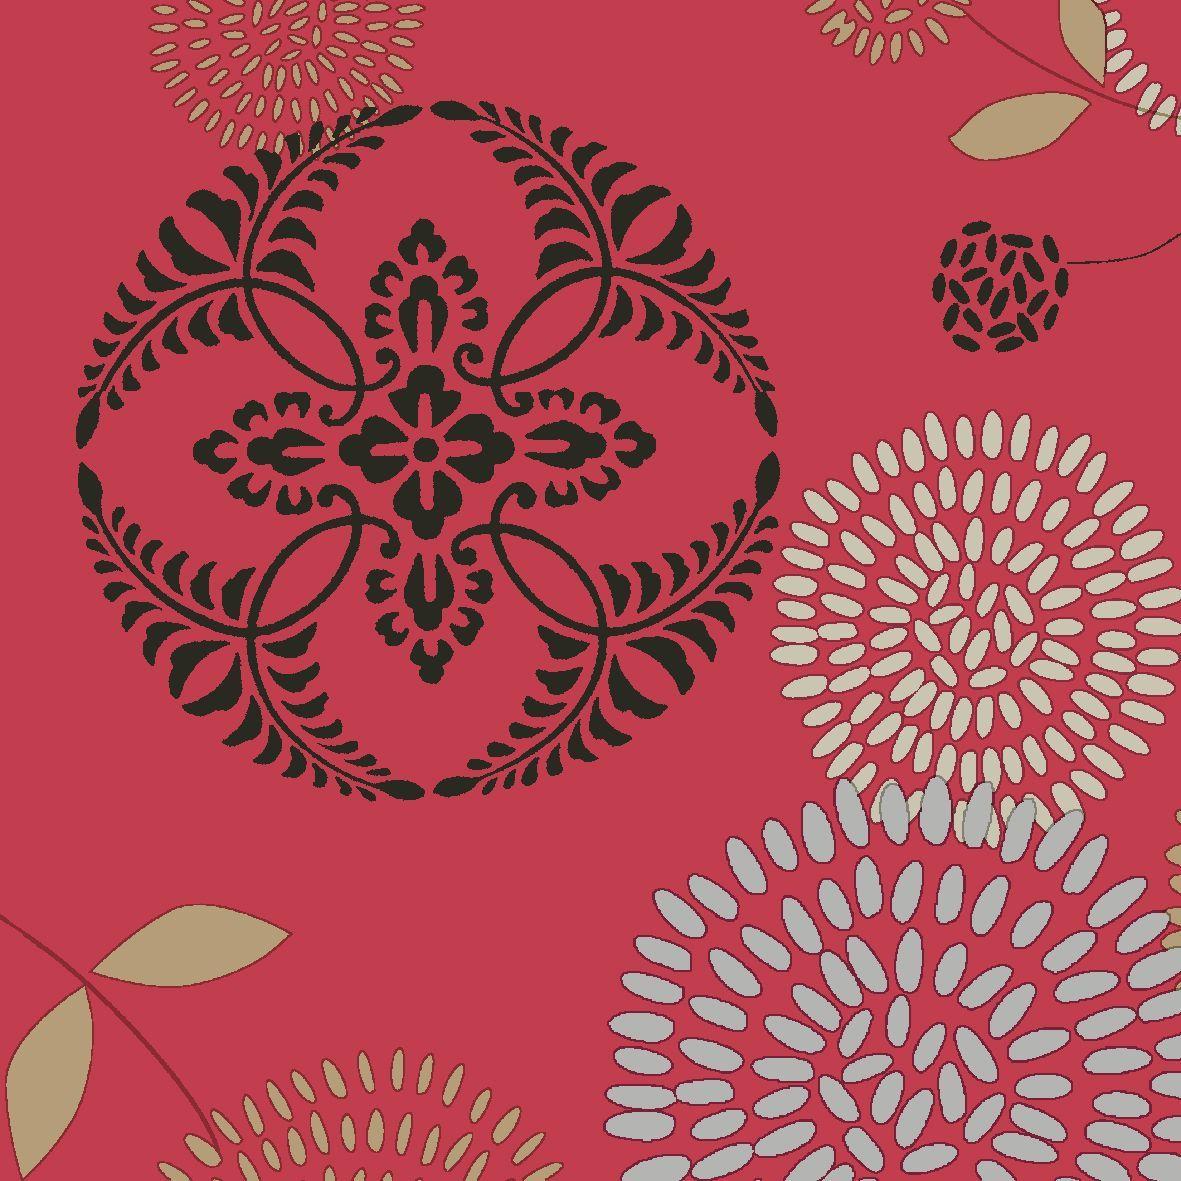 Салфетки бумажные Duni, 3-слойные, цвет: красный, 33 х 33 см. 162717162717Трехслойные бумажные салфетки изготовлены из экологически чистого, высококачественного сырья - 100% целлюлозы. Салфетки выполнены в оригинальном и современном стиле, прекрасно сочетаются с любым интерьером и всегда будут прекрасным и незаменимым украшением стола.